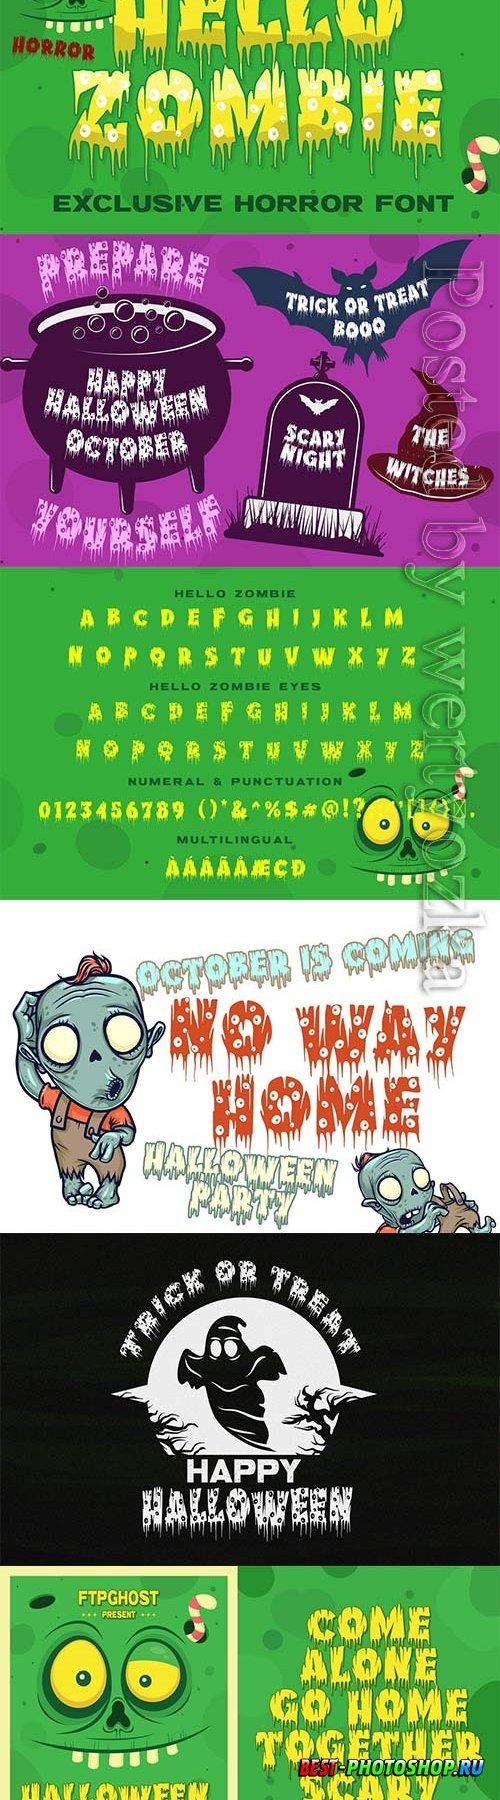 Hello Zombie Horror Font